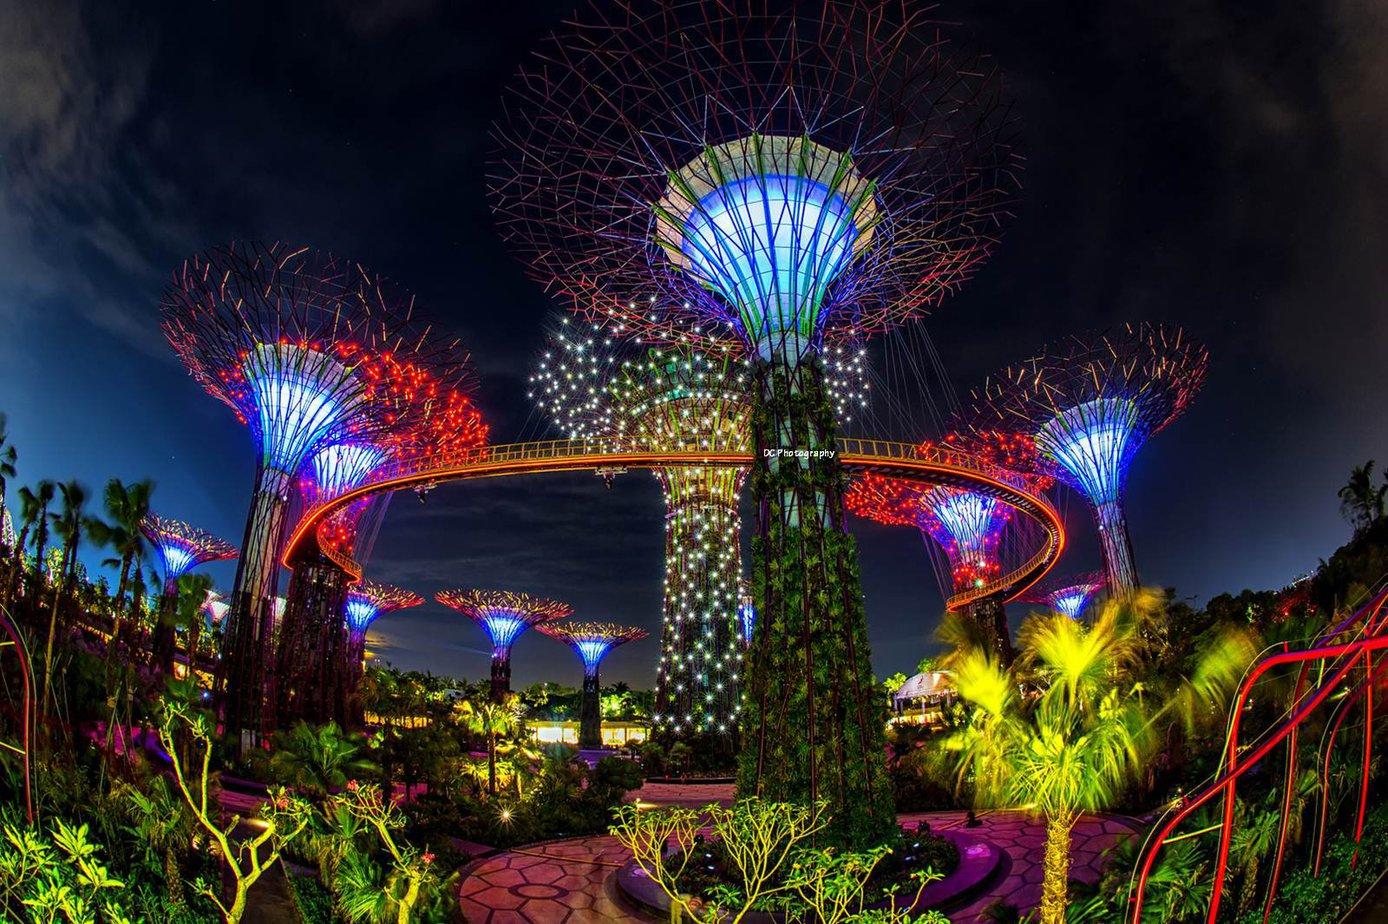 Khu vườn cây khổng lồ ngập tràn màu sắc